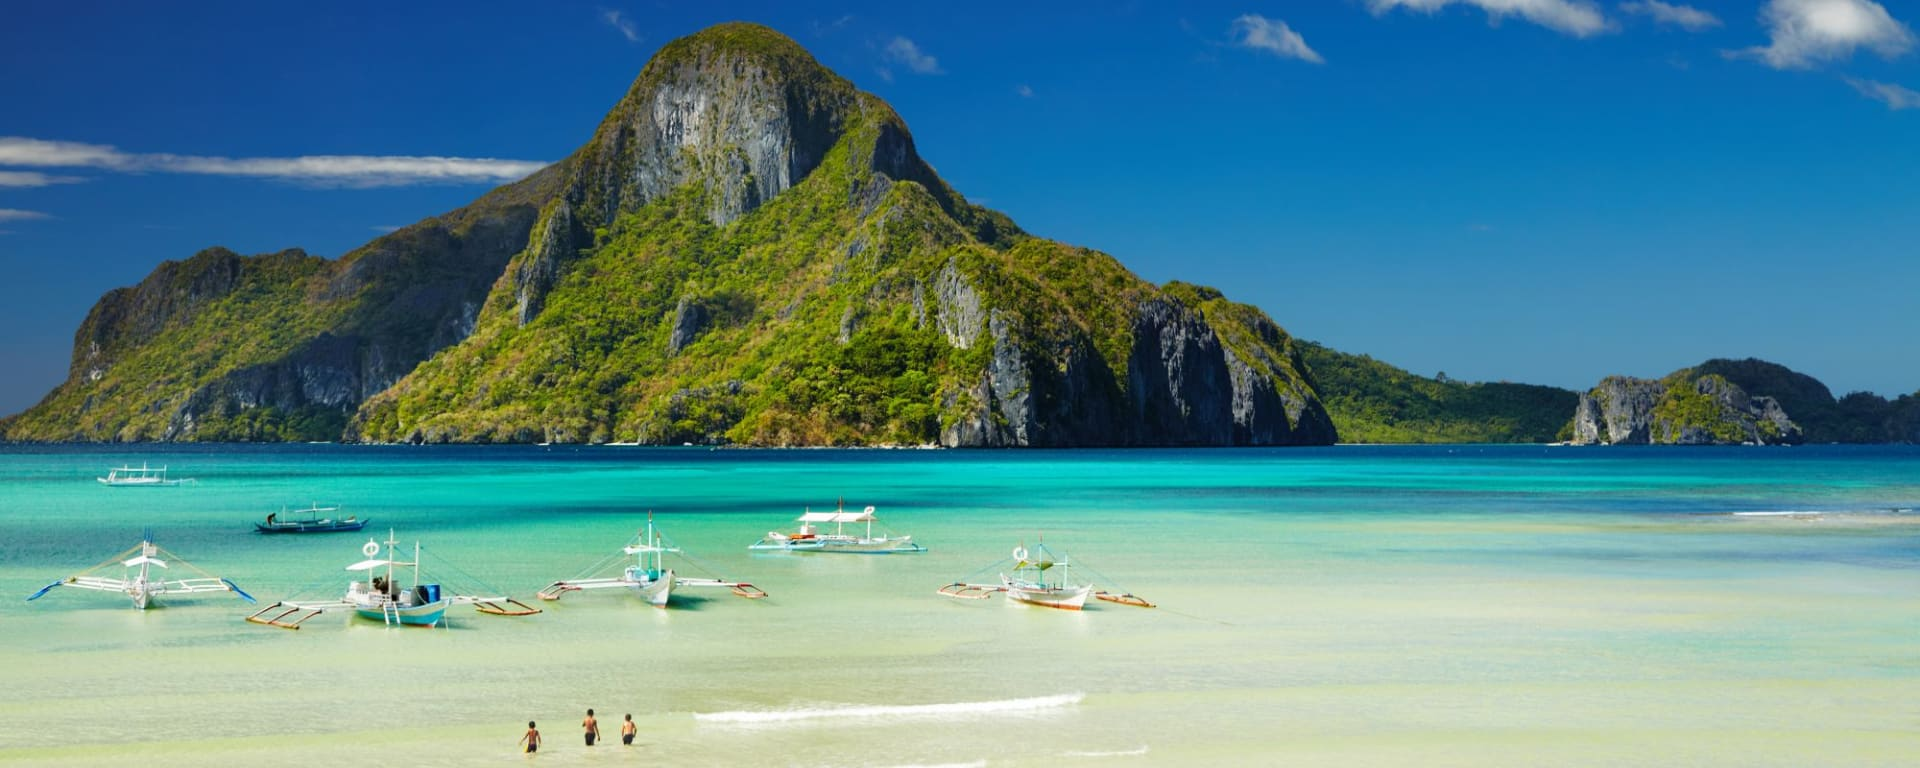 Voyages en Philippines | Vacances en Asie par tourasia: Palawan El Nido bay and Cadlao island